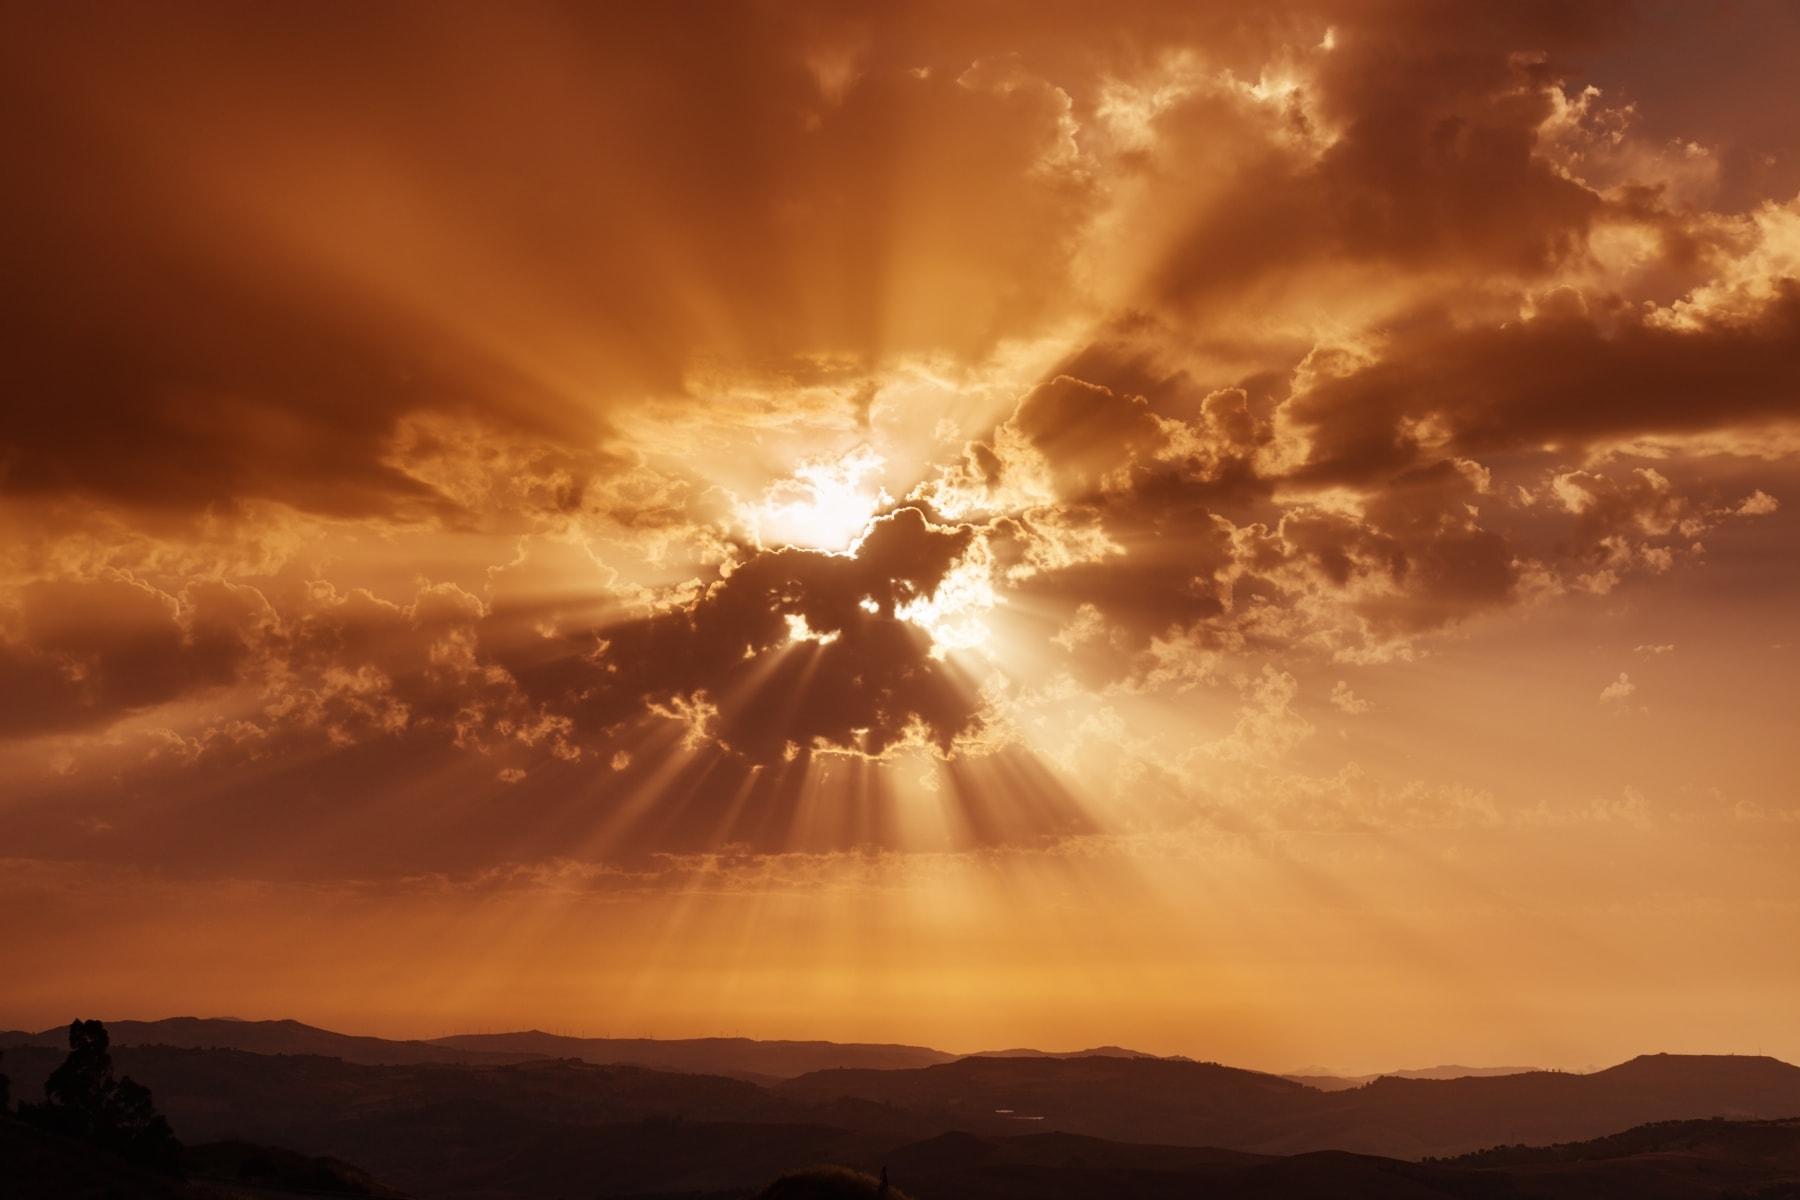 Sjeti se Dženneta čija su prostranstva poput nebesa i Zemlje